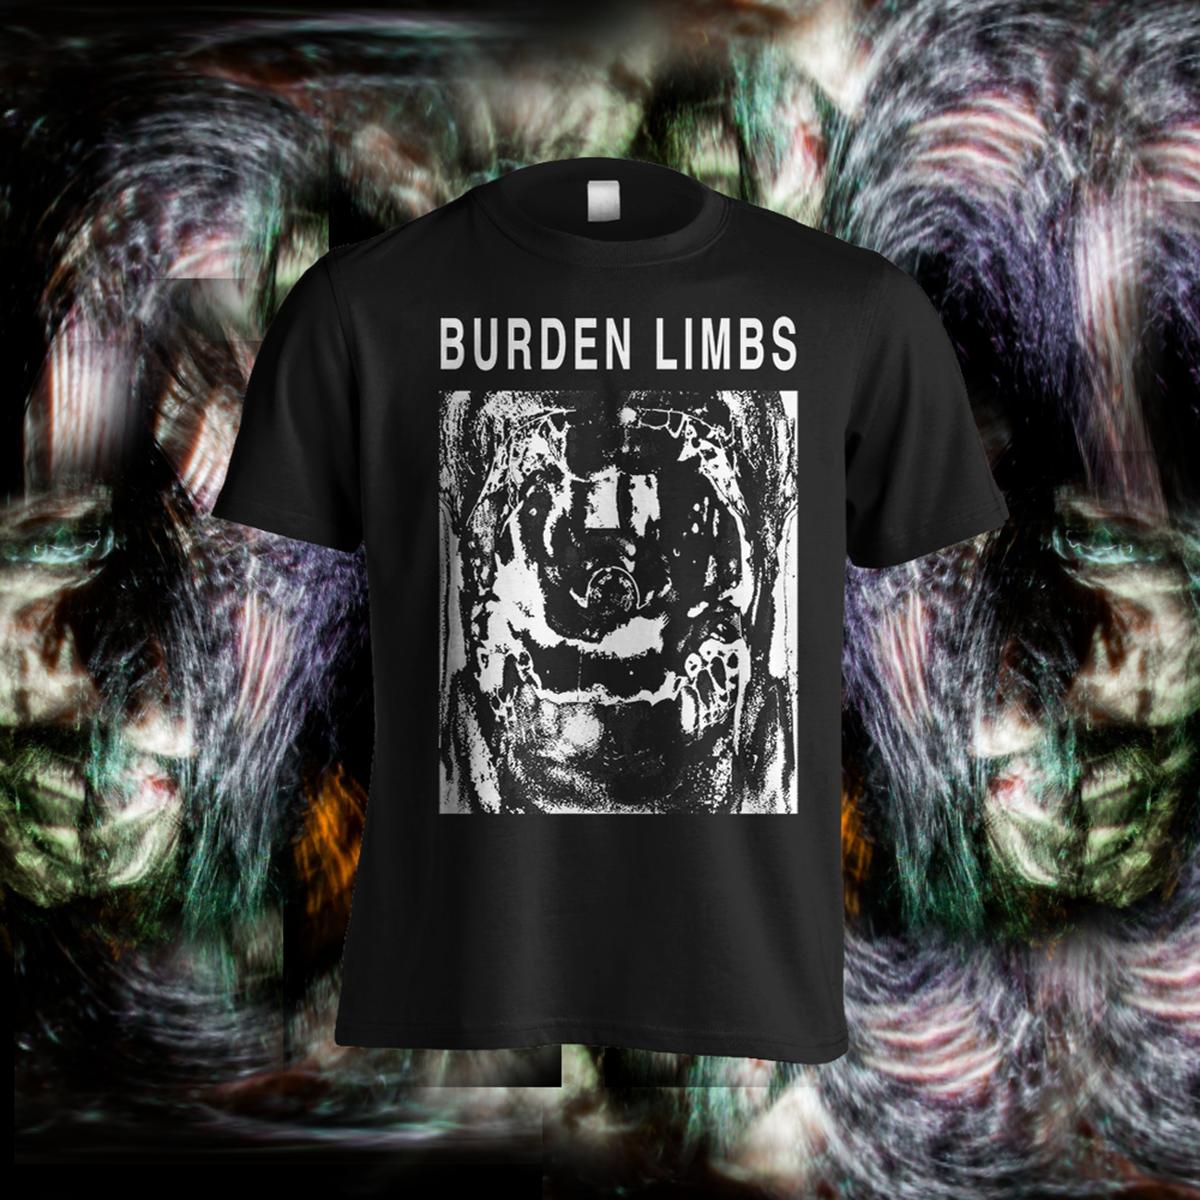 Burden Limbs - 'In the Flesh' T-Shirt